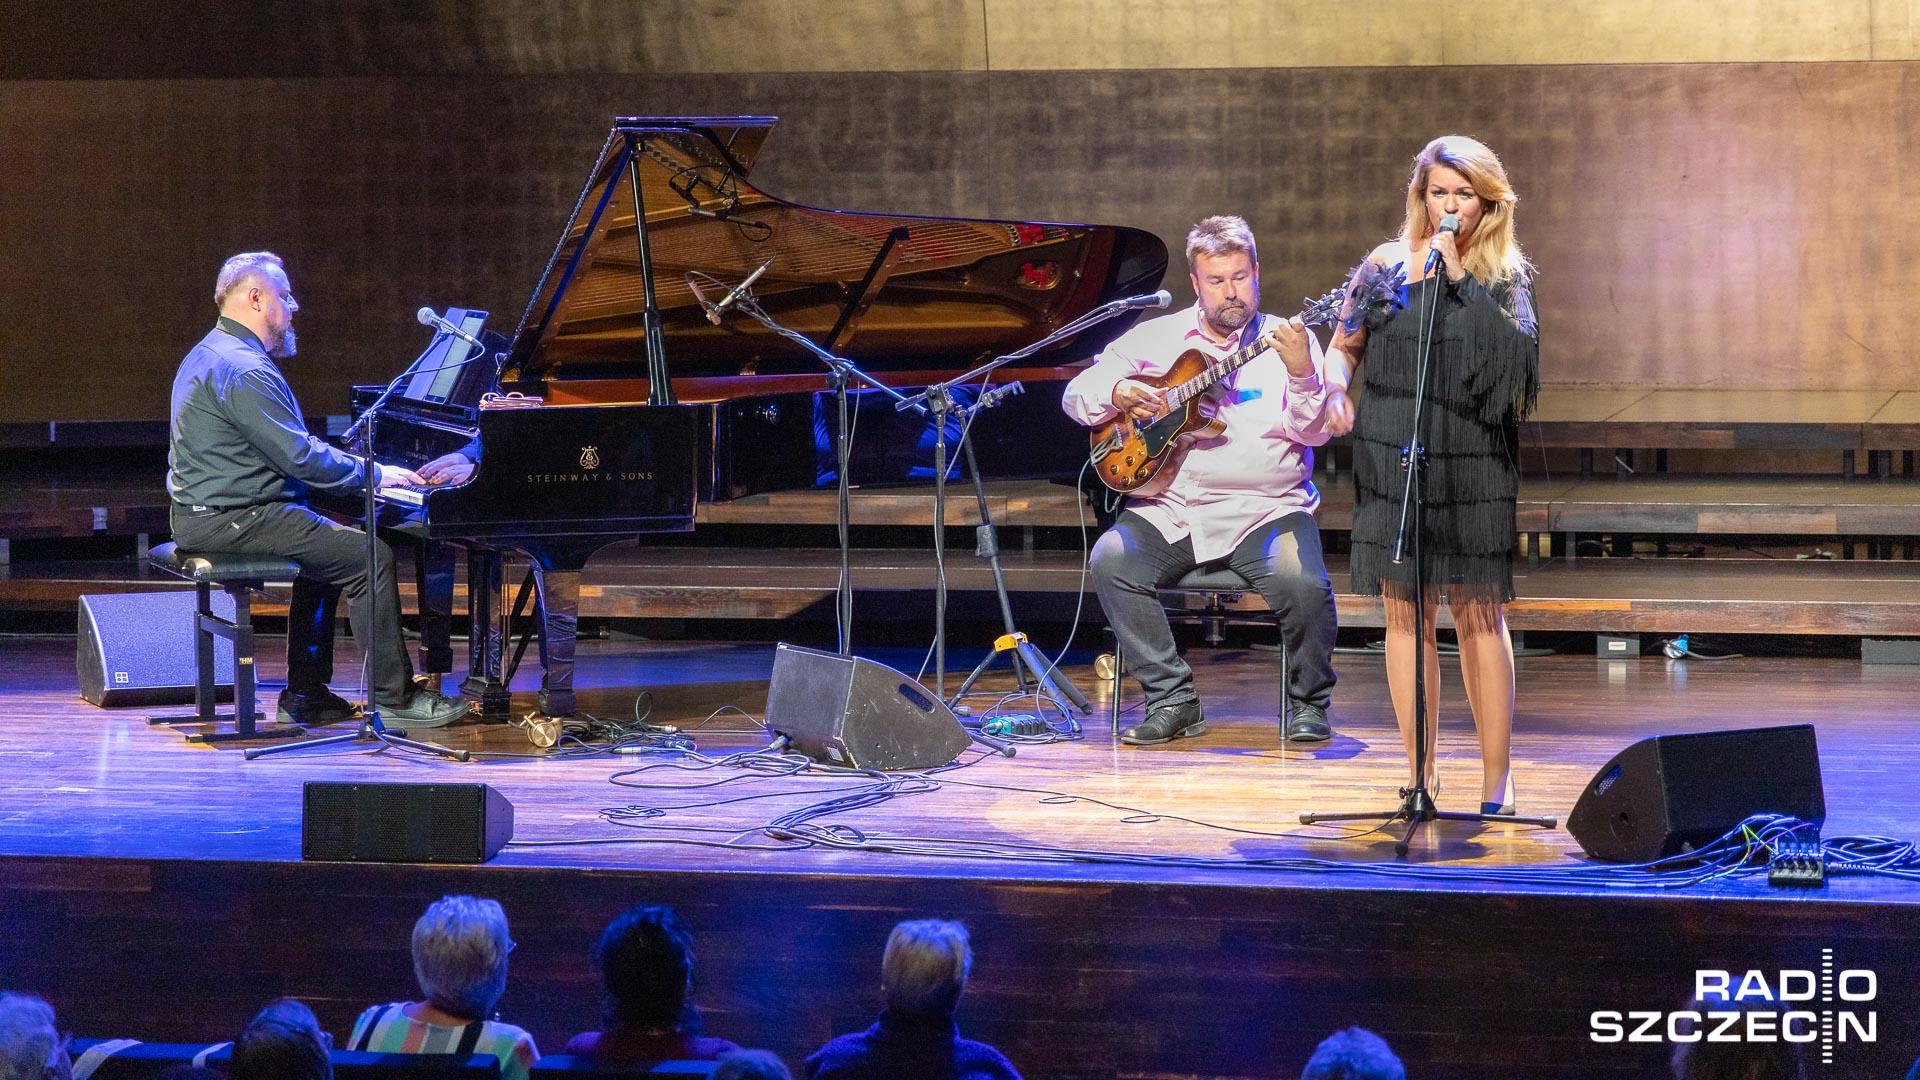 Szczecin Koncertowo Uczcił Dzień Seniora Zdjęcia Radio